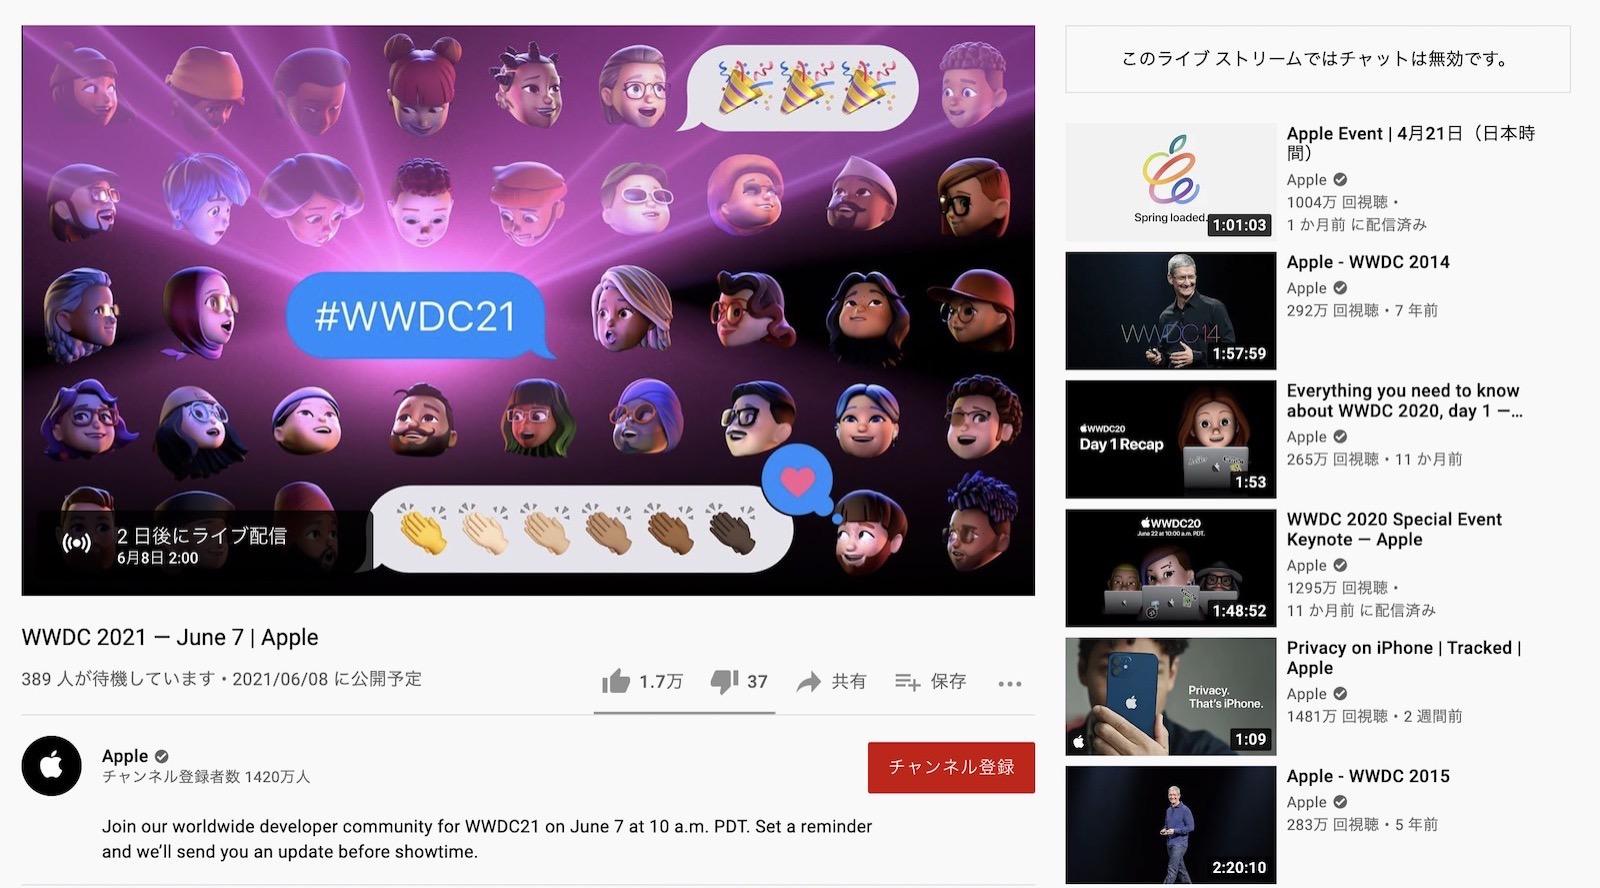 Wwdc 2021 youtube